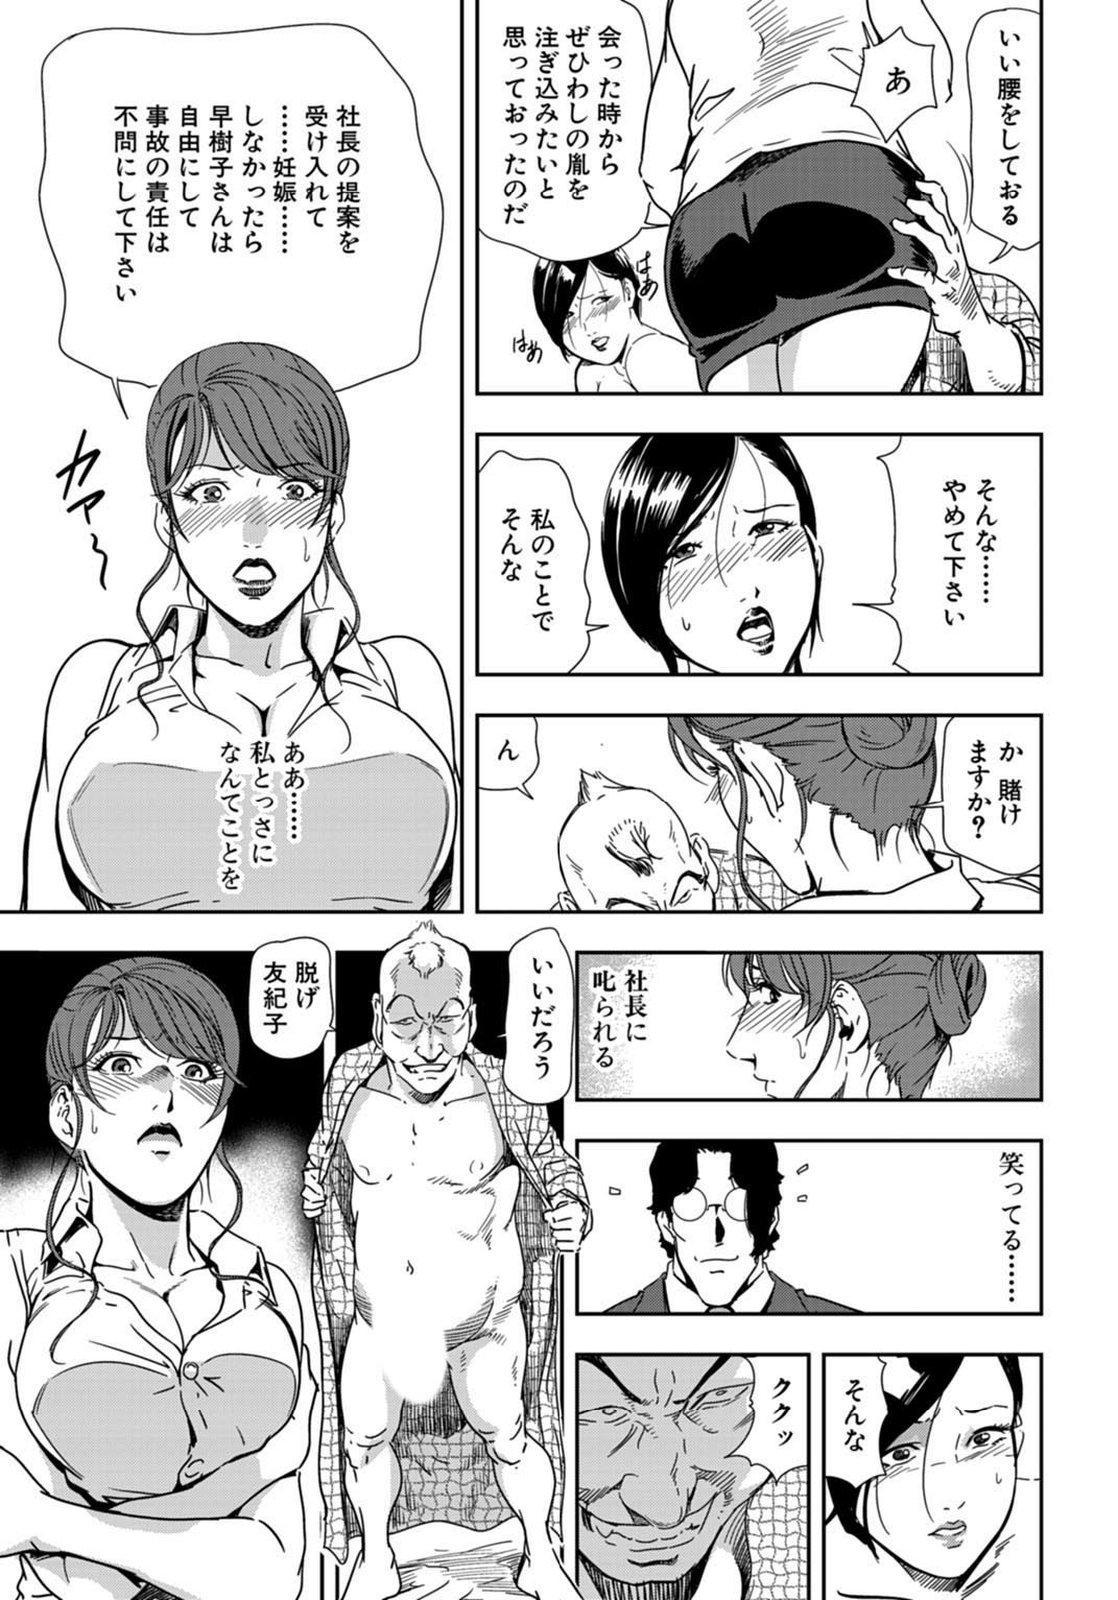 Nikuhisyo Yukiko 21 36